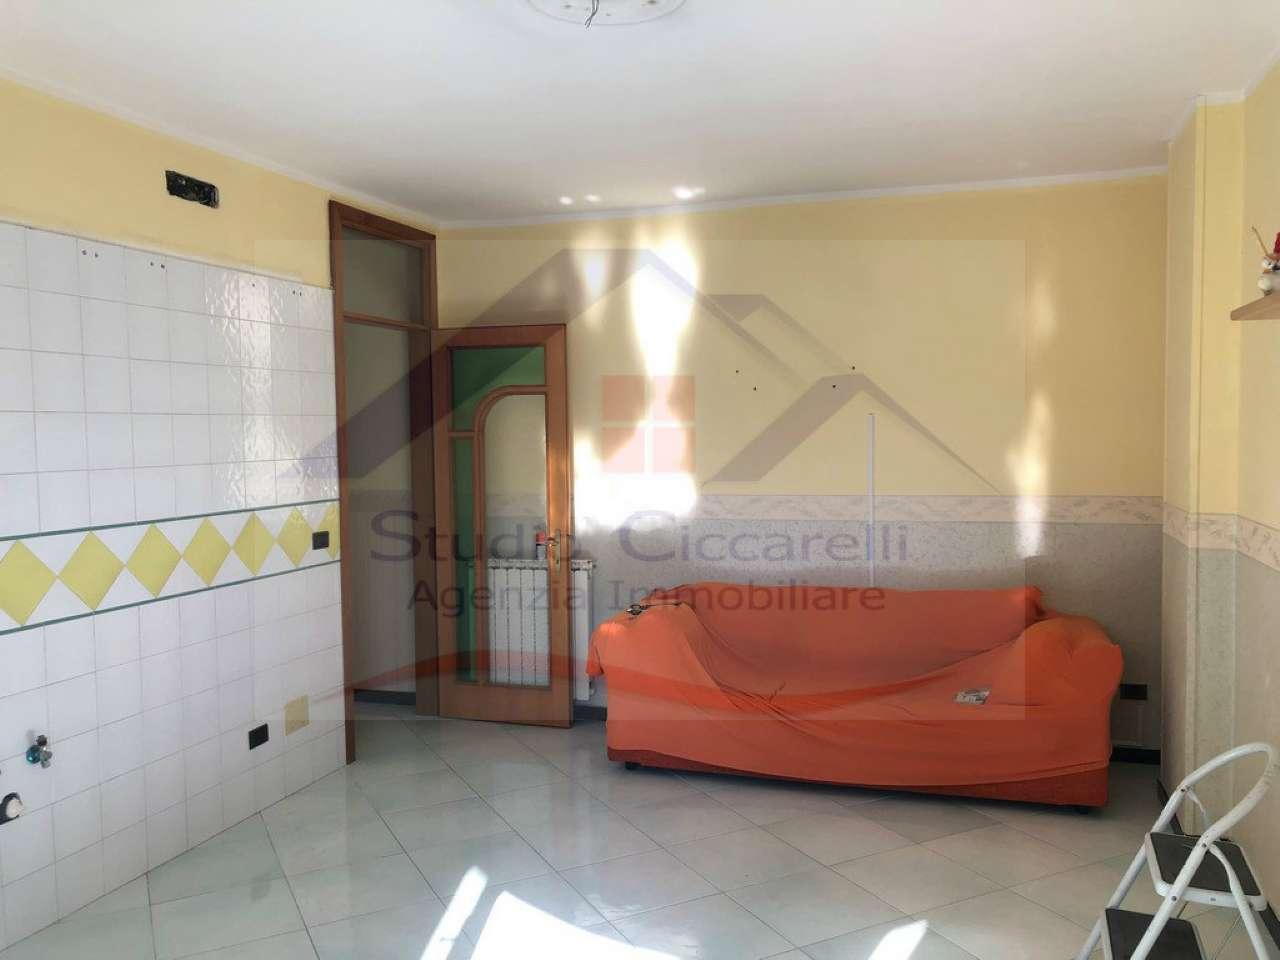 Appartamento 3 Vani Con Box Auto in Condominio